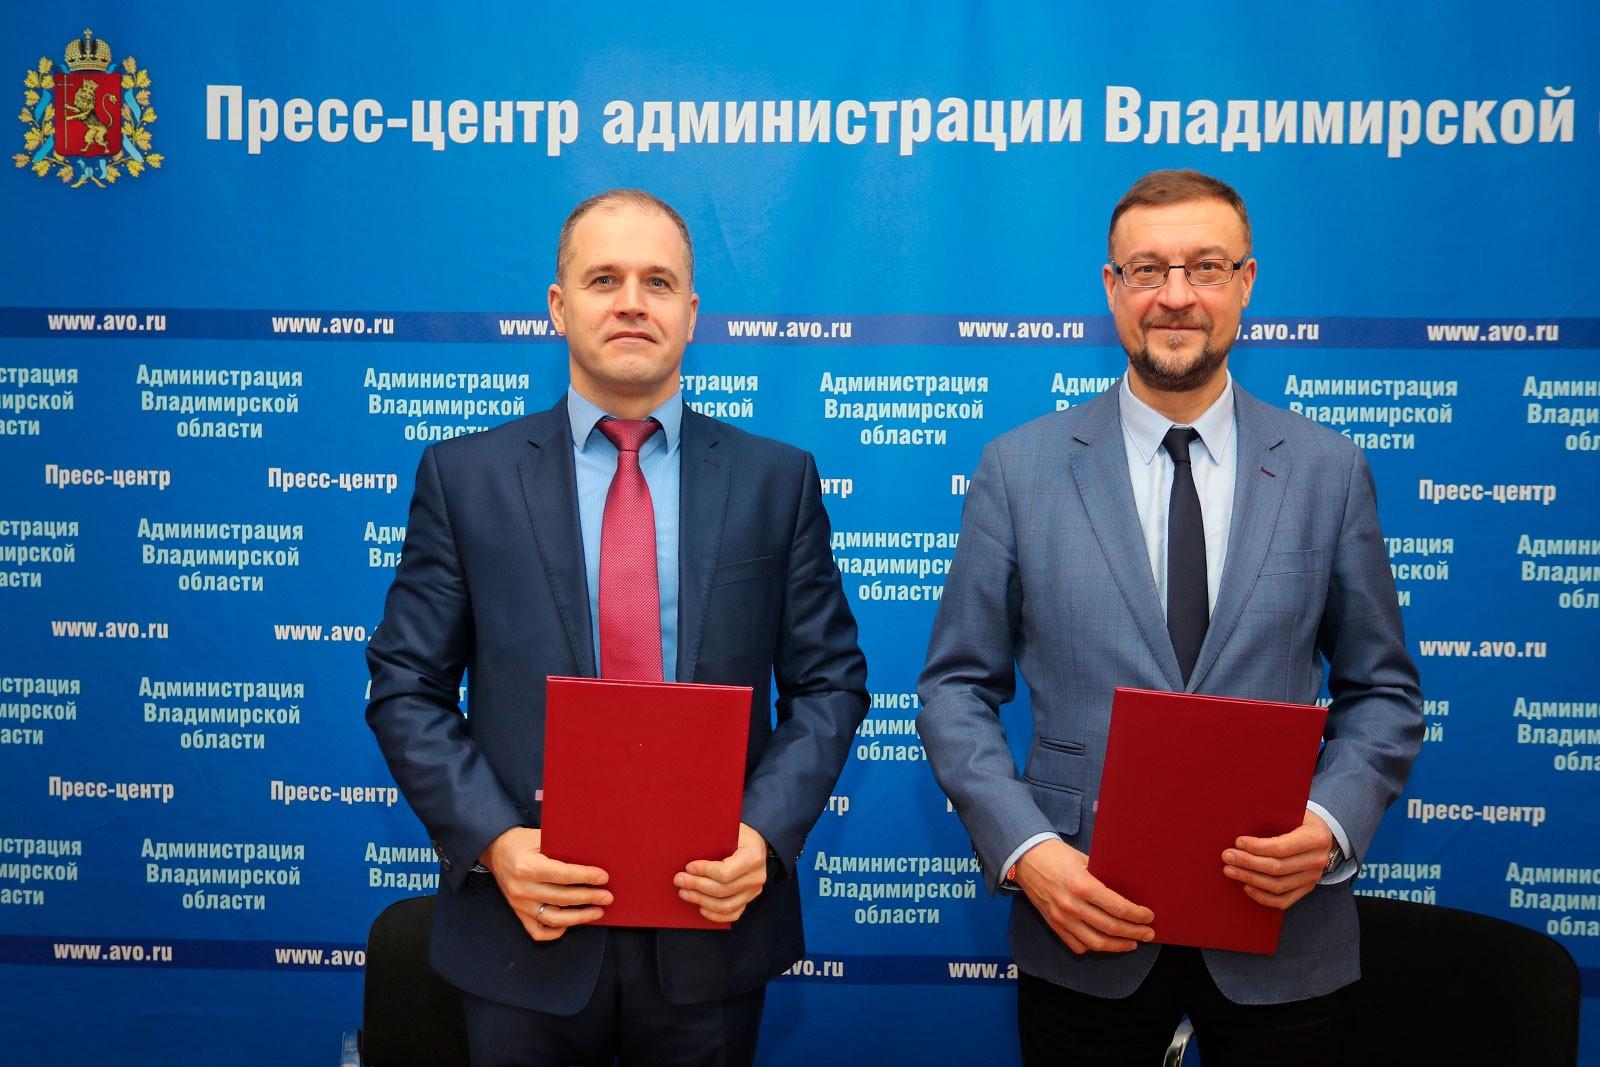 Заключено соглашение о поставке офисного ПО в образовательные учреждения Владимирской области